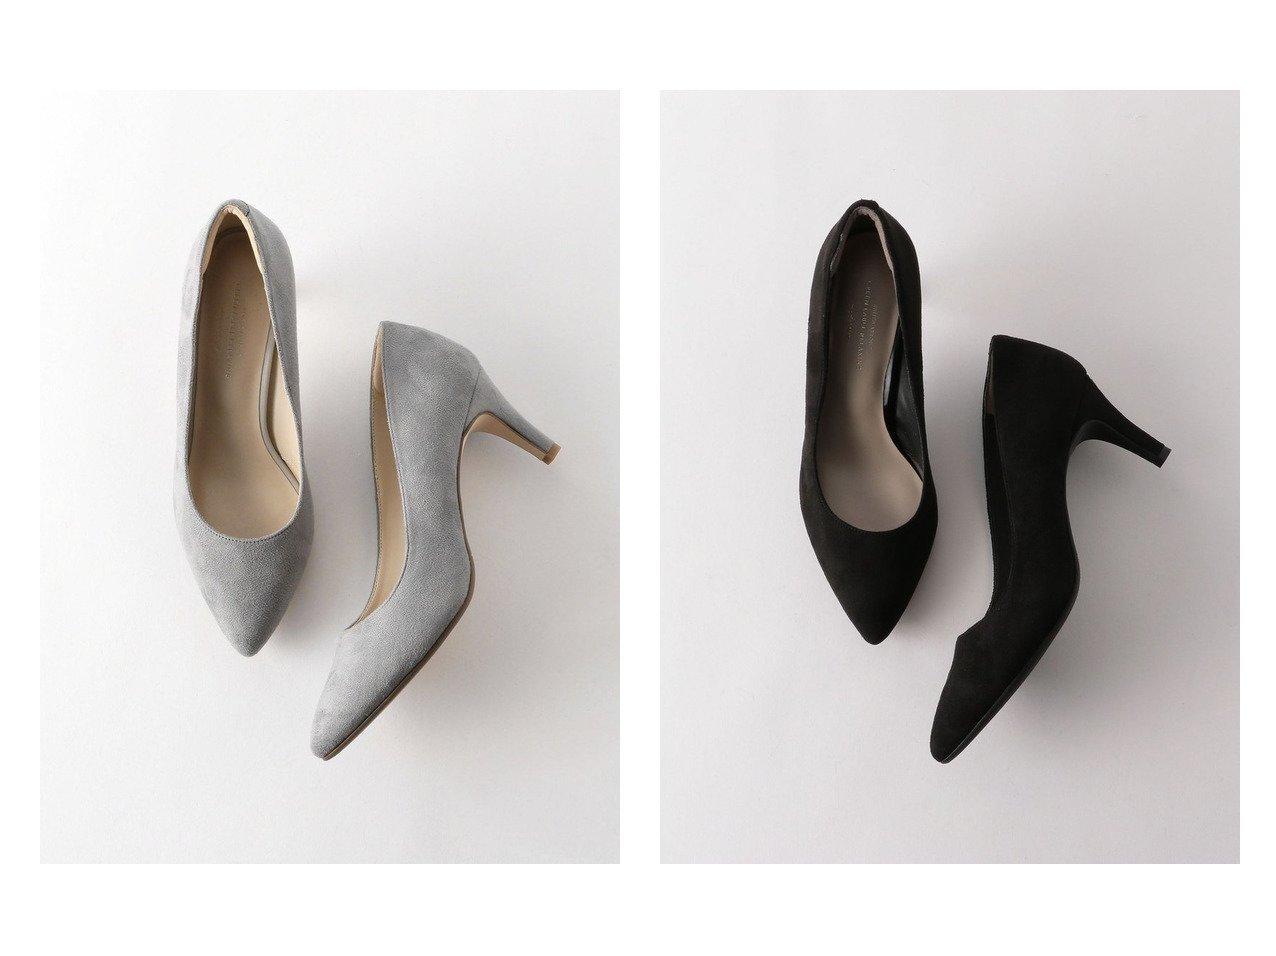 【green label relaxing / UNITED ARROWS/グリーンレーベル リラクシング / ユナイテッドアローズ】のmodel NO.07 D ポインテッド プレーン パンプス (7cmヒール) 【シューズ・靴】おすすめ!人気、トレンド・レディースファッションの通販 おすすめで人気の流行・トレンド、ファッションの通販商品 メンズファッション・キッズファッション・インテリア・家具・レディースファッション・服の通販 founy(ファニー) https://founy.com/ ファッション Fashion レディースファッション WOMEN クッション クール シューズ トレンド 定番 Standard ハイヒール パイソン フィット フォルム プレーン ベーシック ポインテッド NEW・新作・新着・新入荷 New Arrivals |ID:crp329100000028411